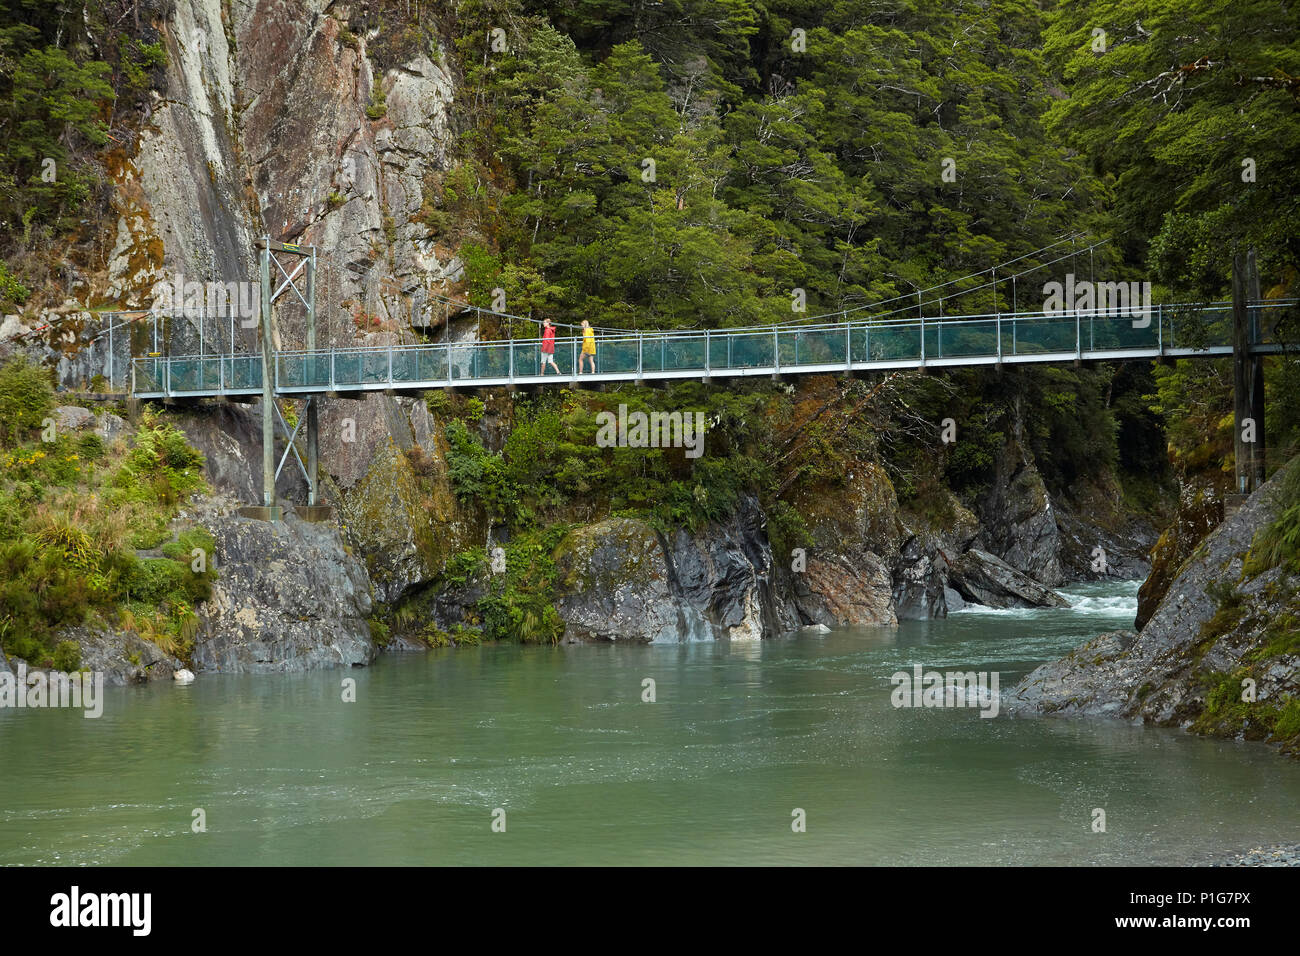 Les touristes en passerelle, rivière bleue, Bleu Piscines, Mount Aspiring National Park, Haast Pass, Makarora, Otago, île du Sud, Nouvelle-Zélande (Modèle 1992) Photo Stock